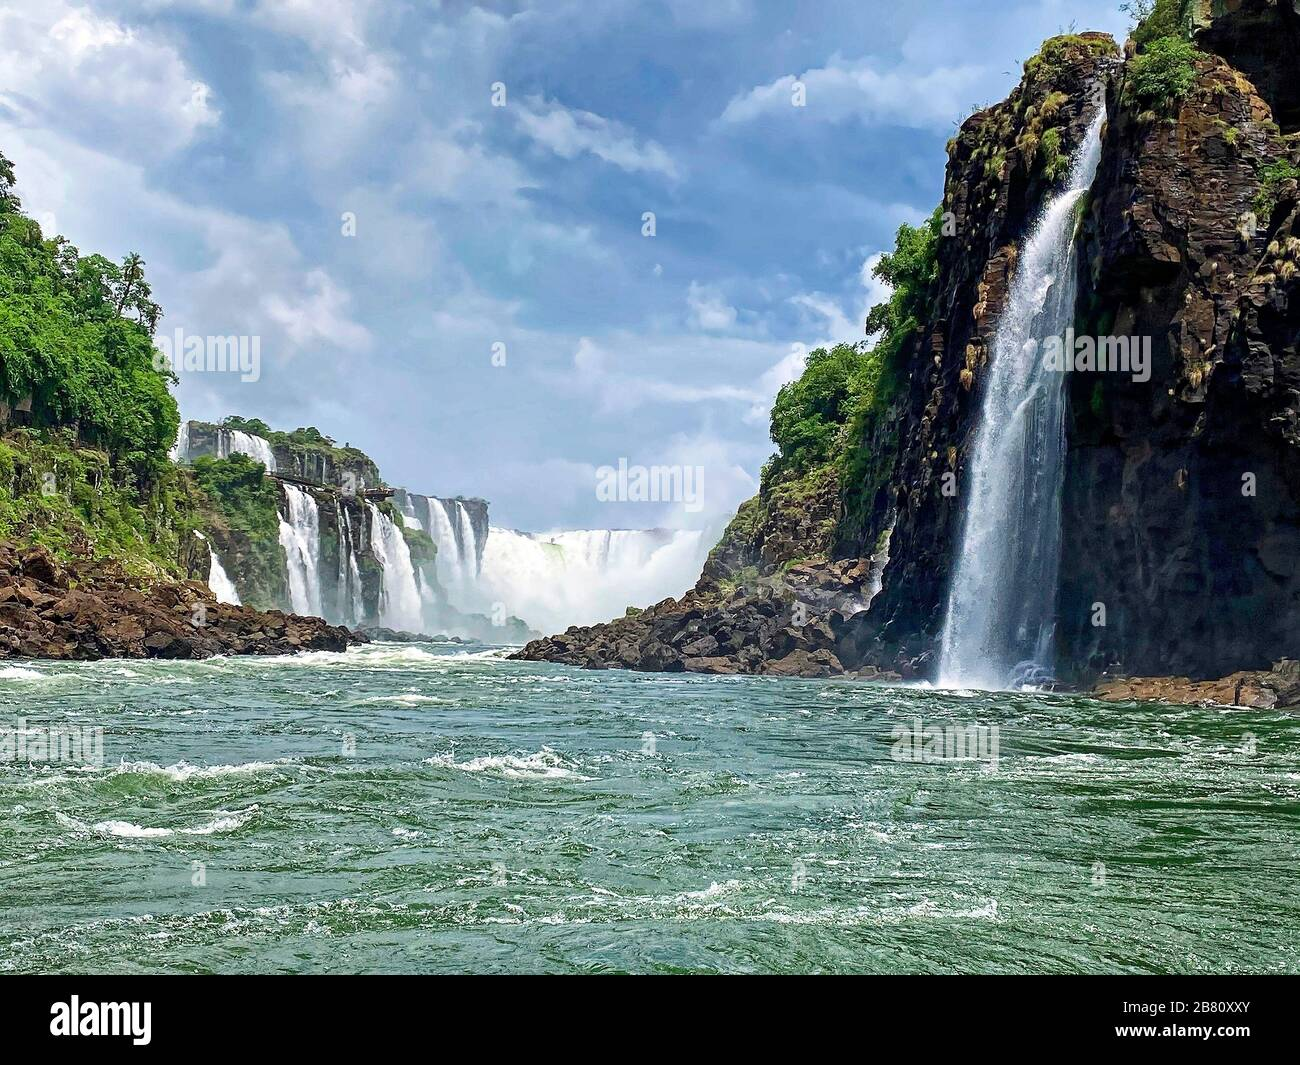 Parc national des chutes d'Iguazu; multiples chutes d'eau, végétation, rivière, nature, haute falaise, puissant, promenade surplombant, Iguazu; Iguacu; South AmericaBr Banque D'Images